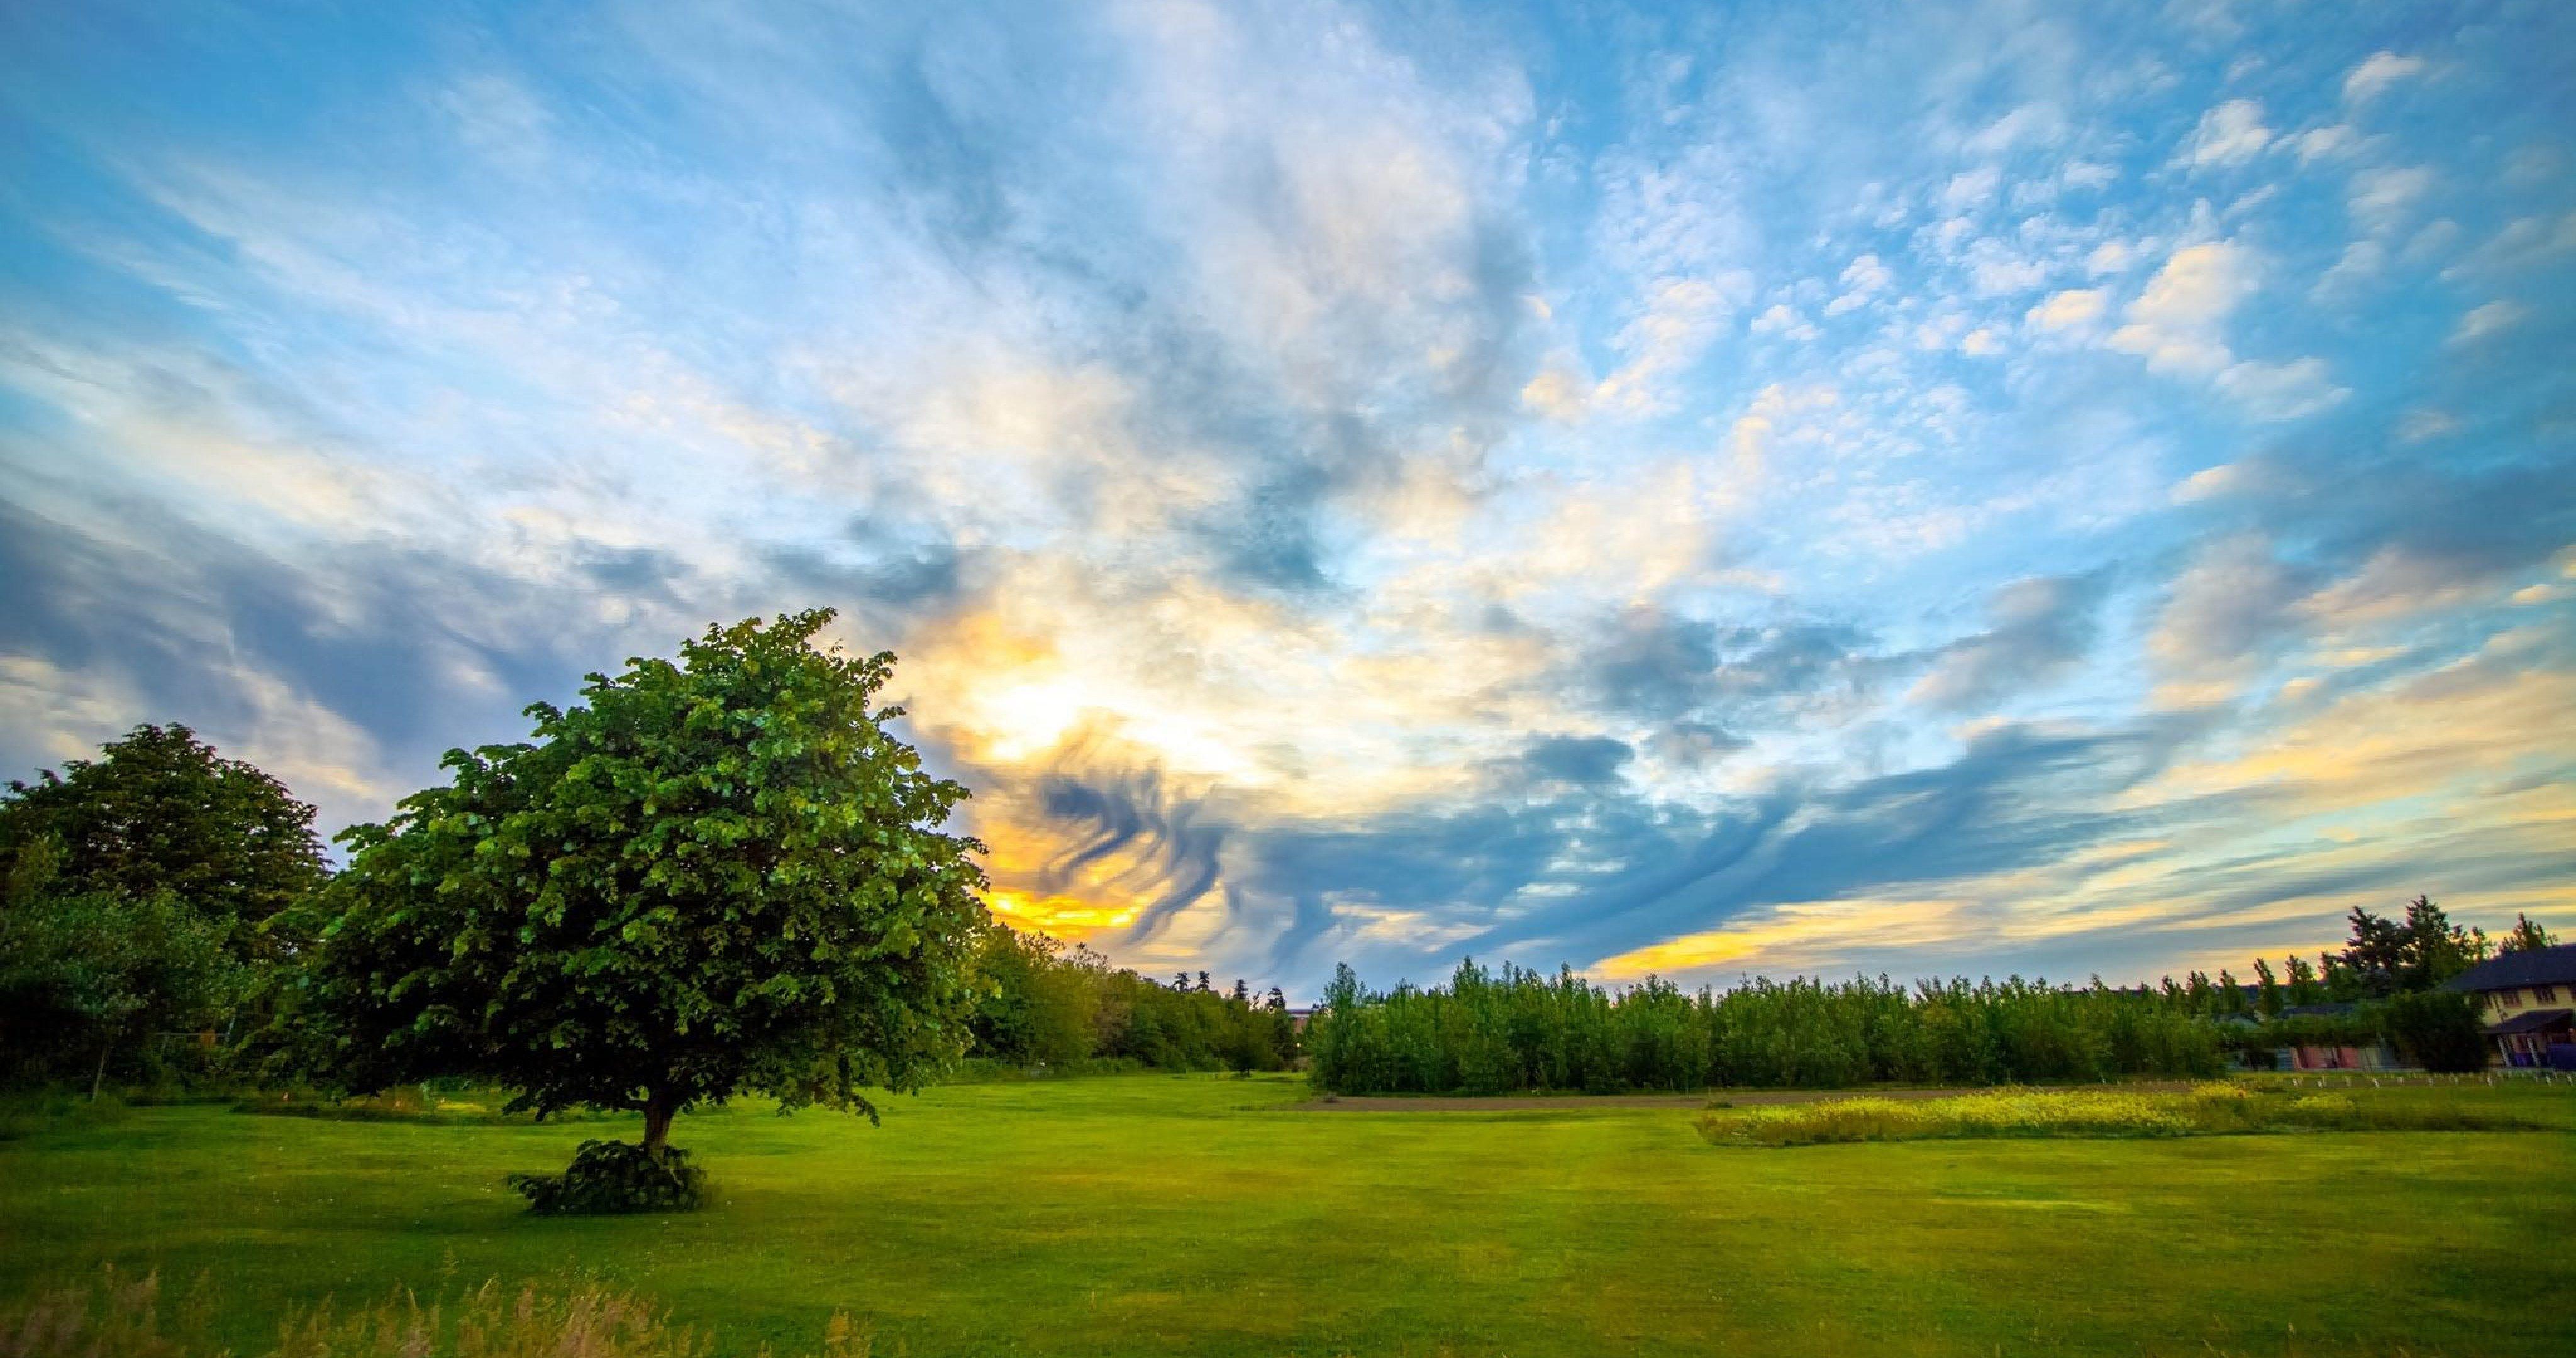 Tree On Meadow 4k Ultra Hd Wallpaper Cloud Wallpaper Wallpaper